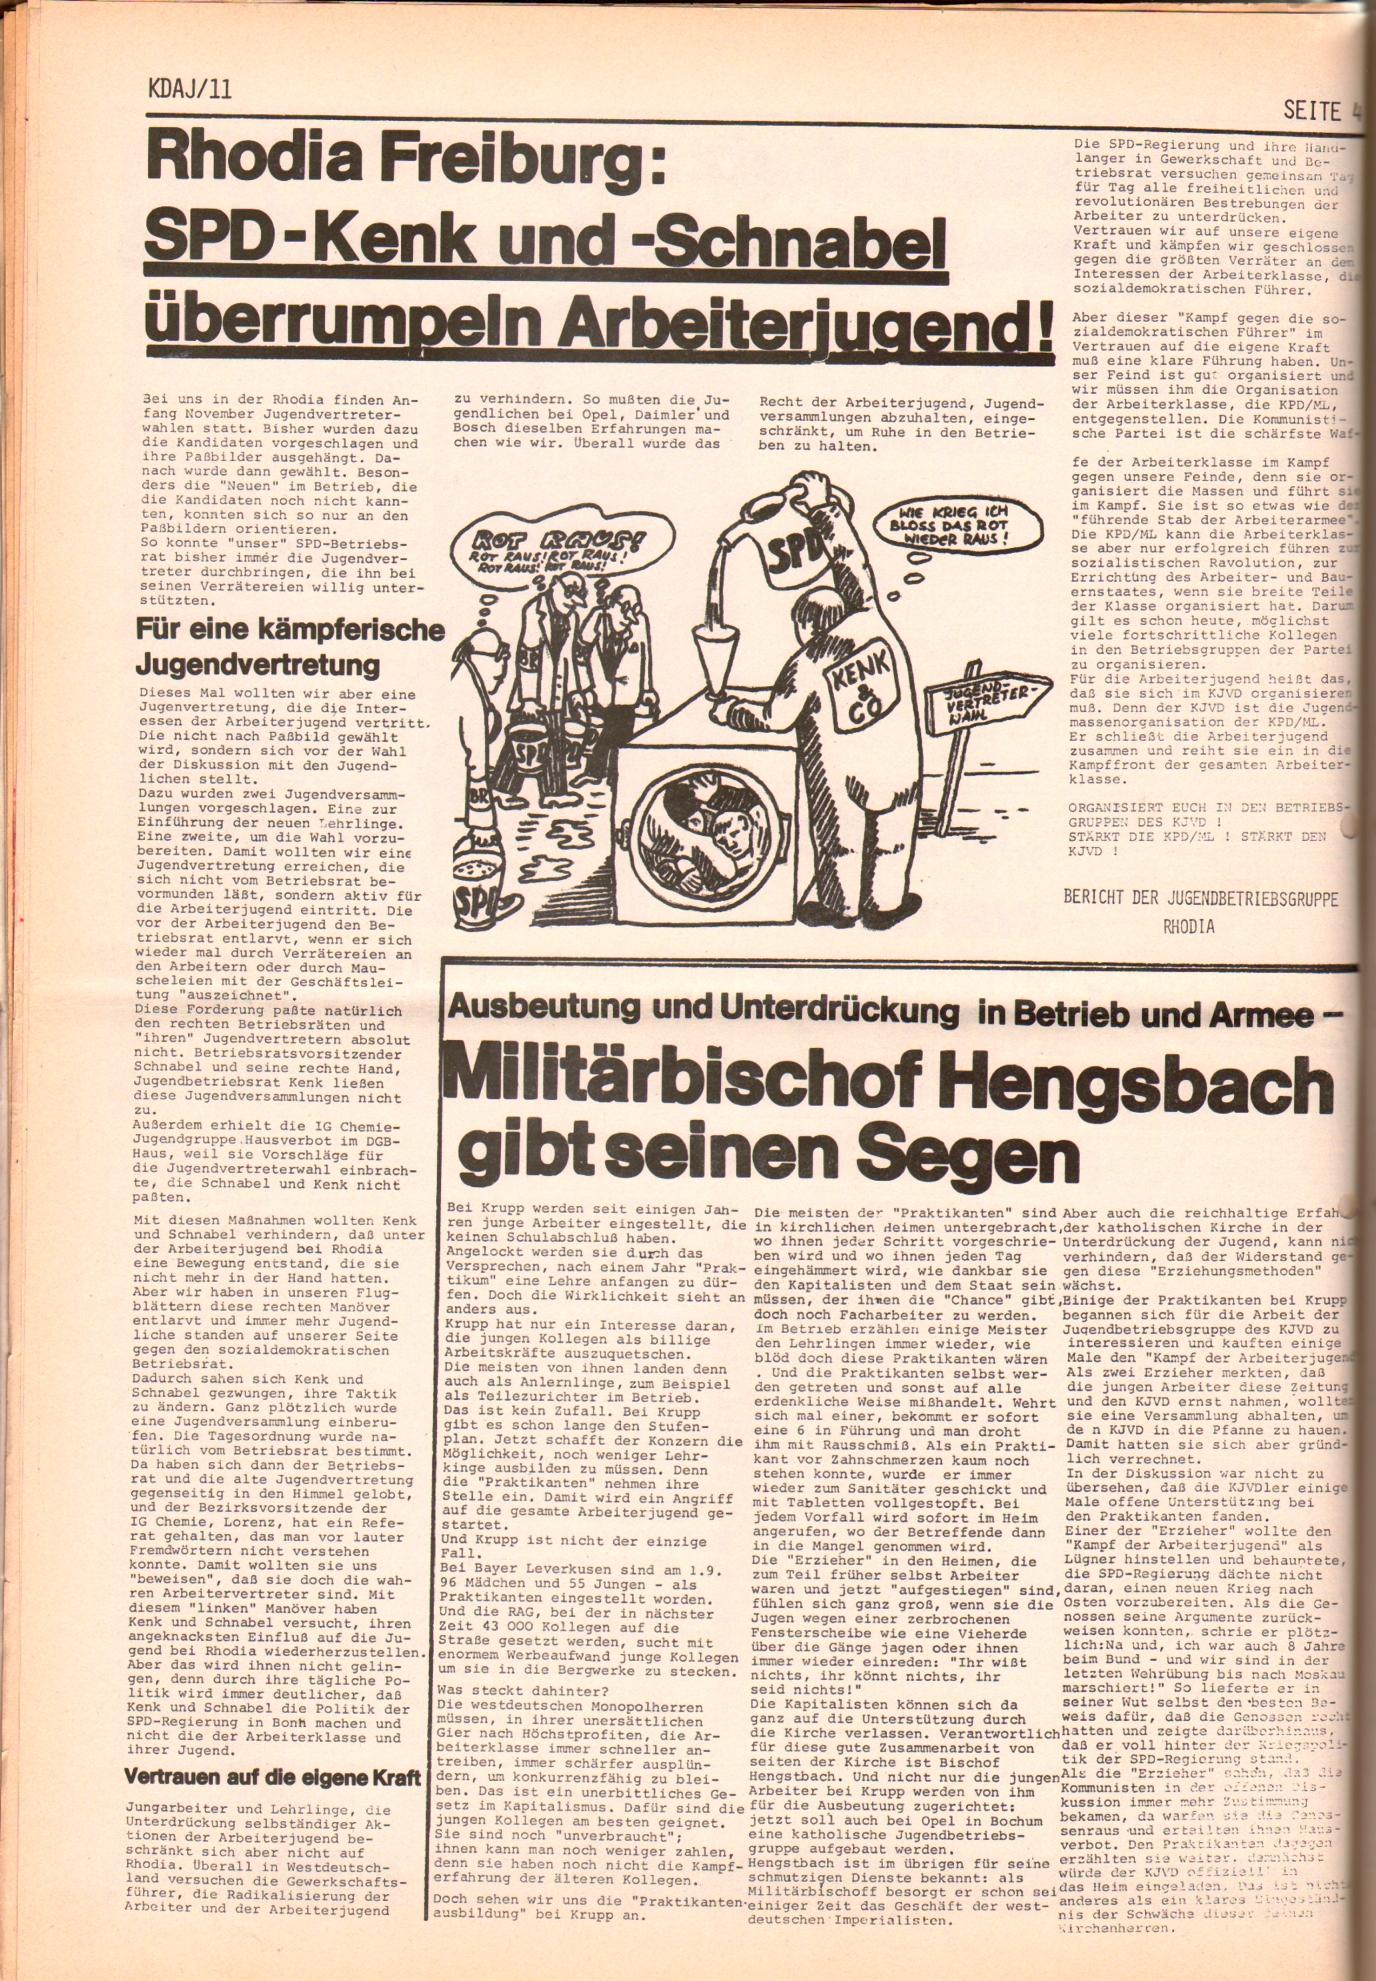 KDAJ, 2. Jg., November 1971, Nr. 11, Seite 4